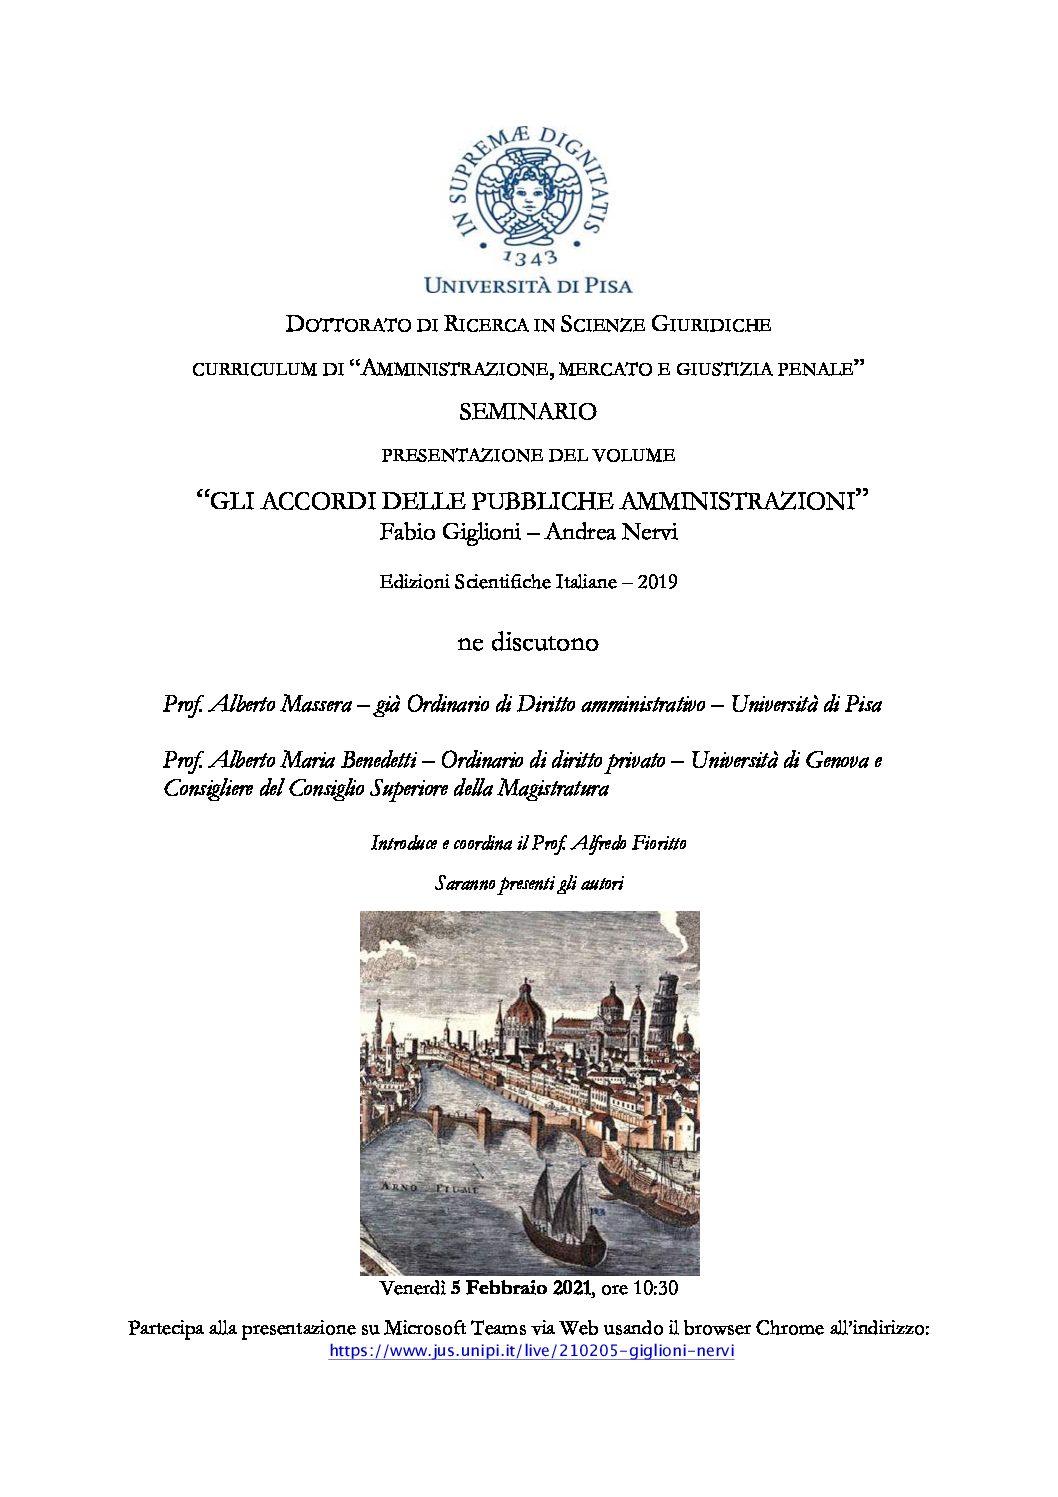 Gli accordi delle pubbliche amministrazioni – 5 febbraio 2021